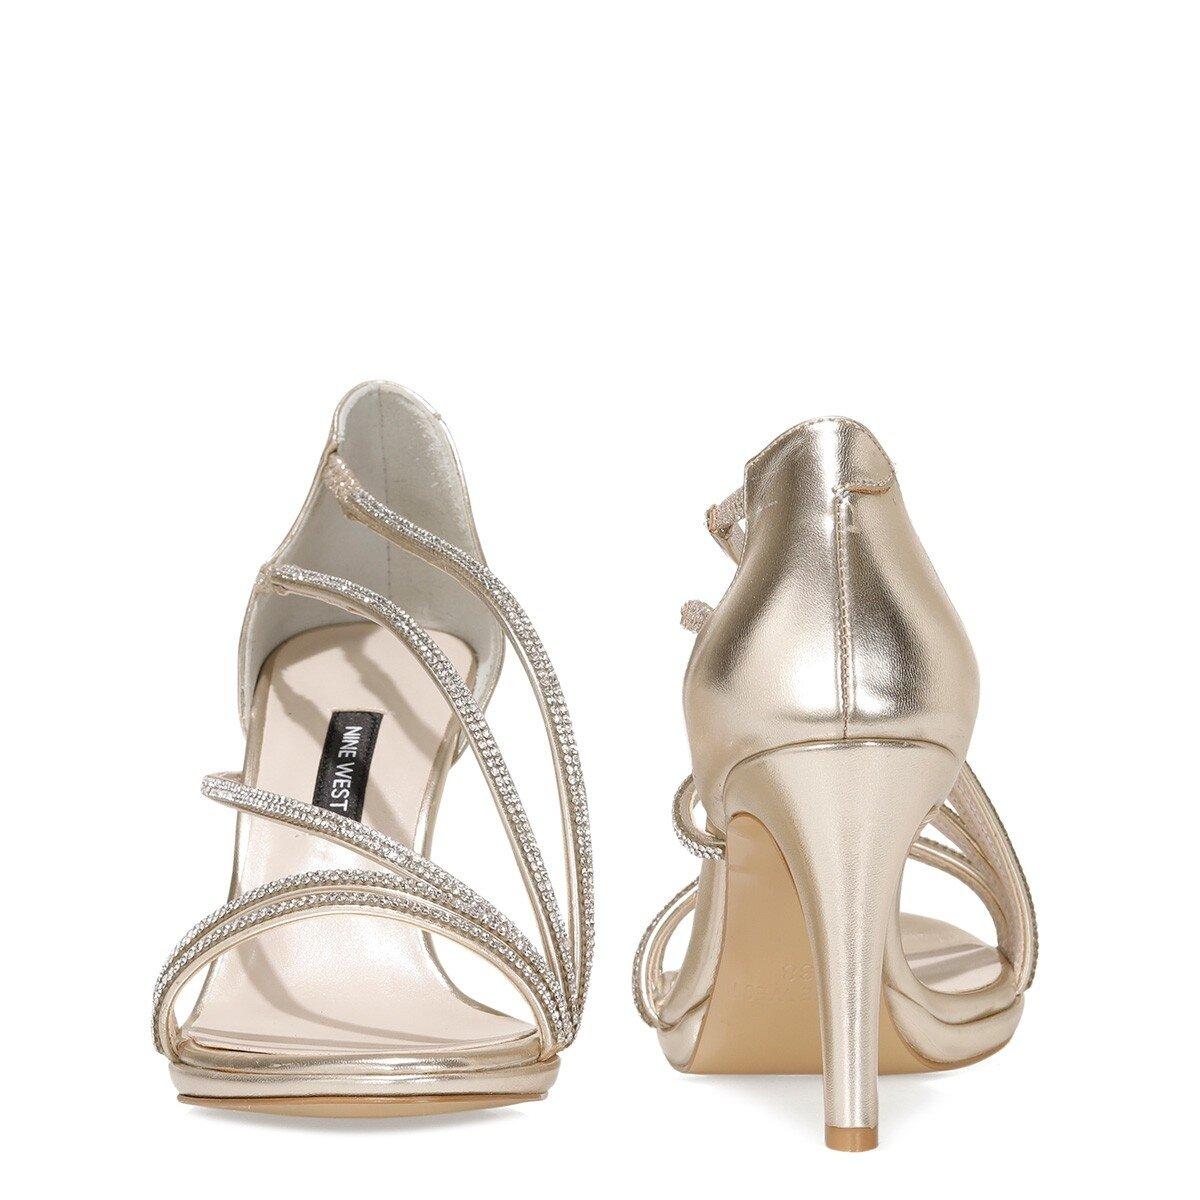 CERNNA 1FX DORE Kadın Topuklu Ayakkabı